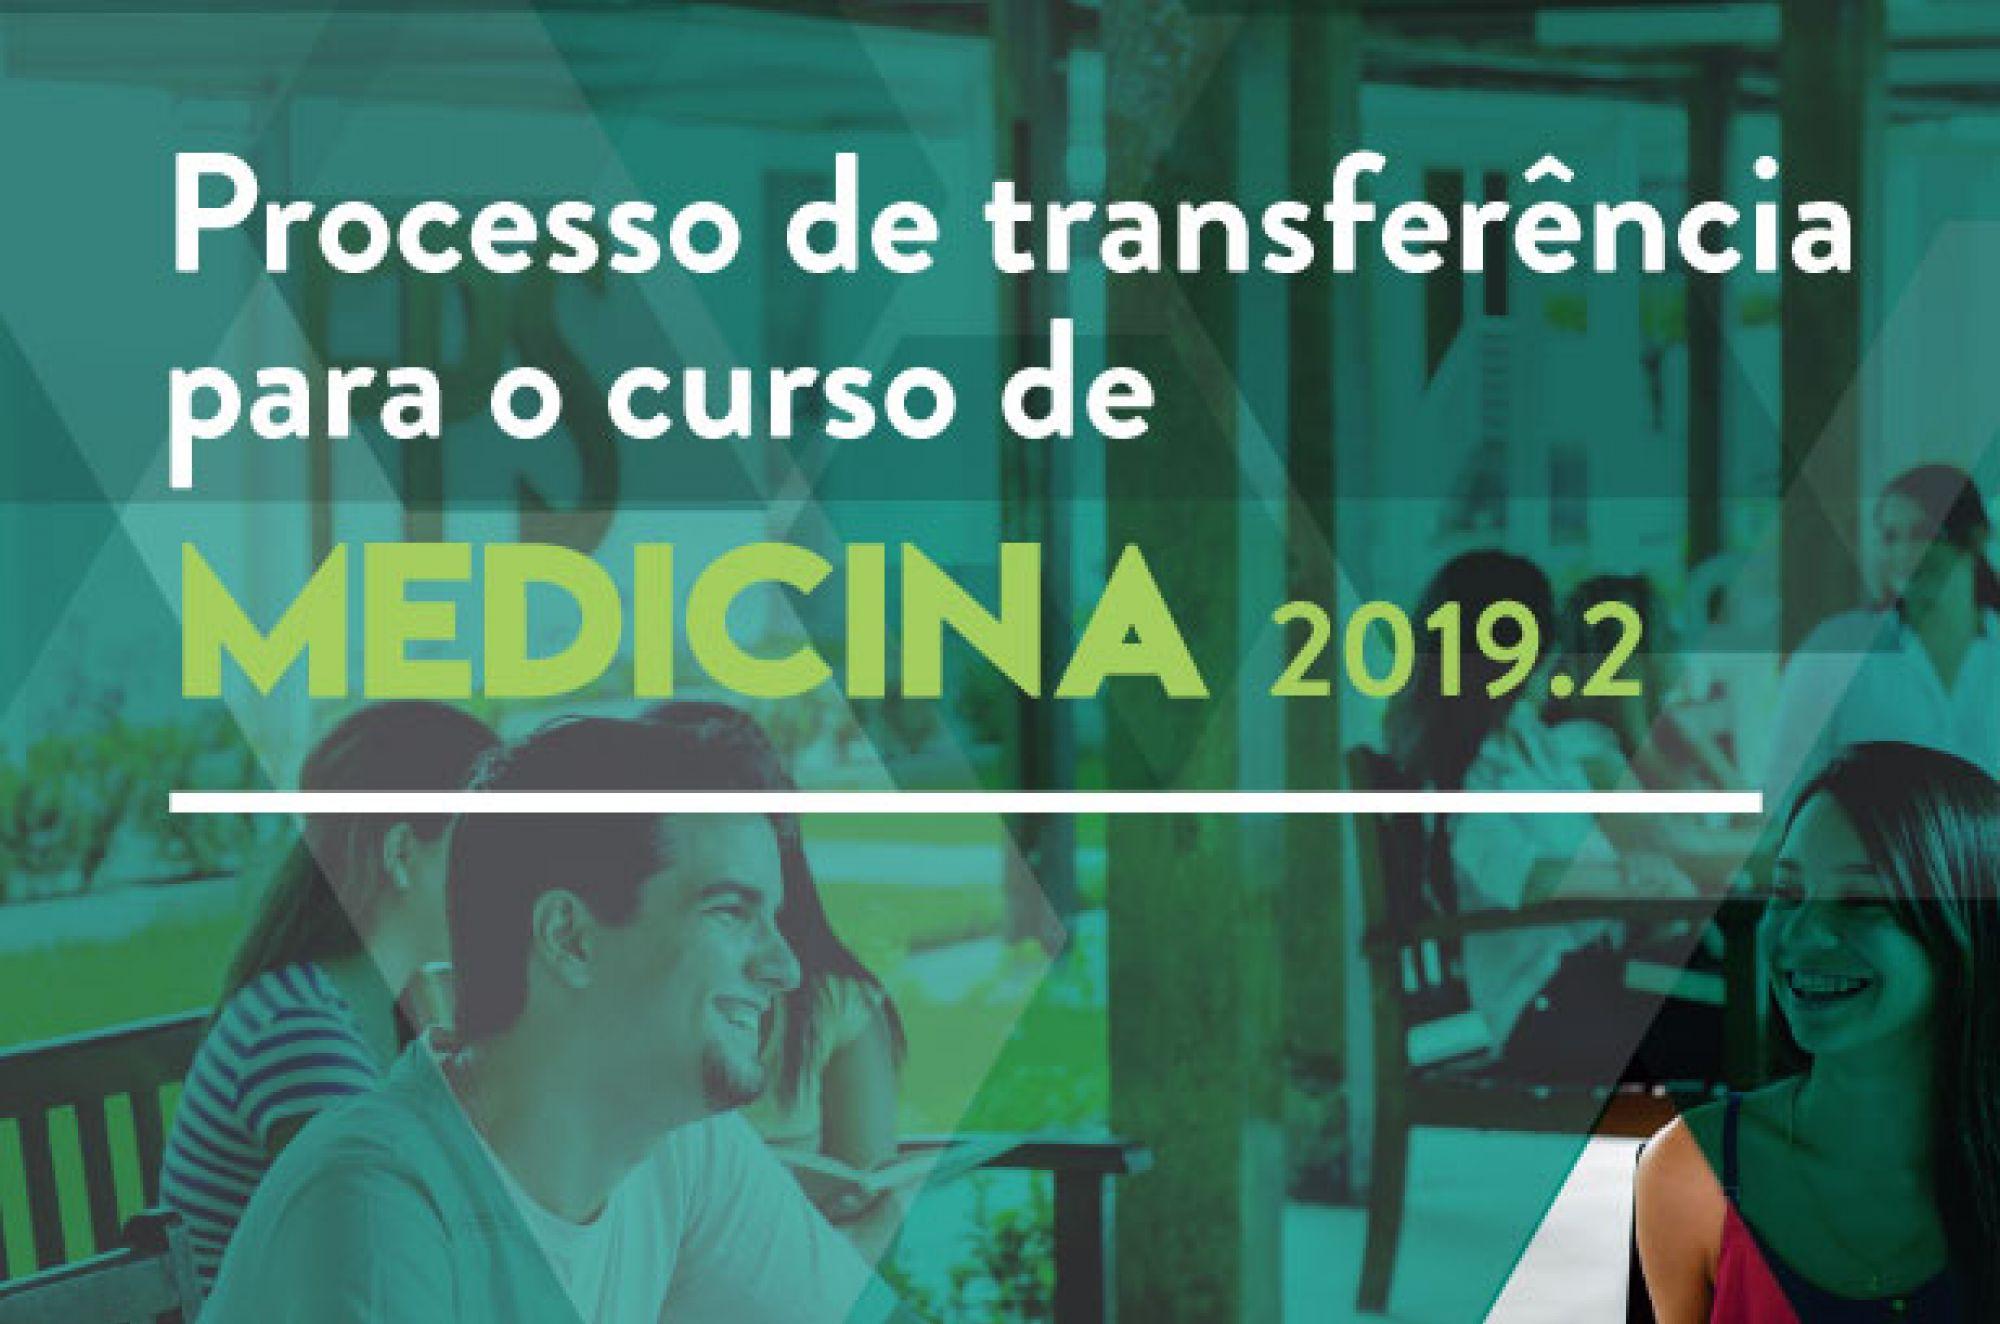 Processo de Transferência de Medicina 2019.2 - 1º remanejamento